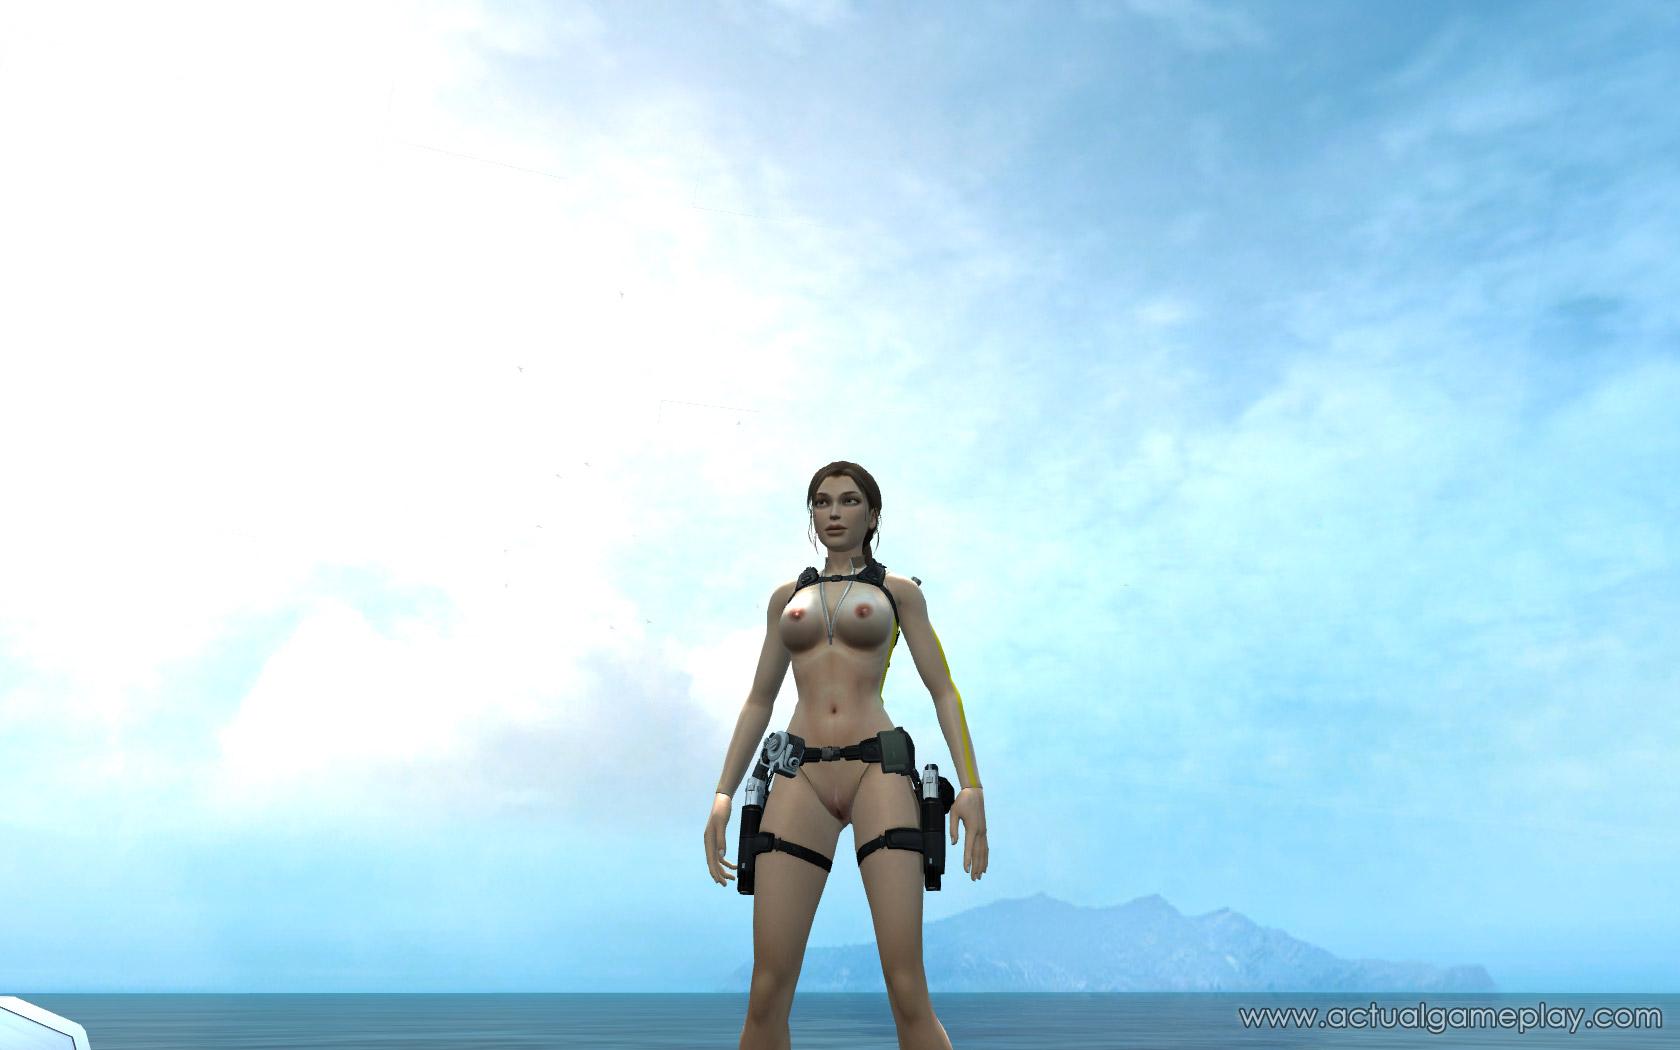 Nude raider legend sexy galleries